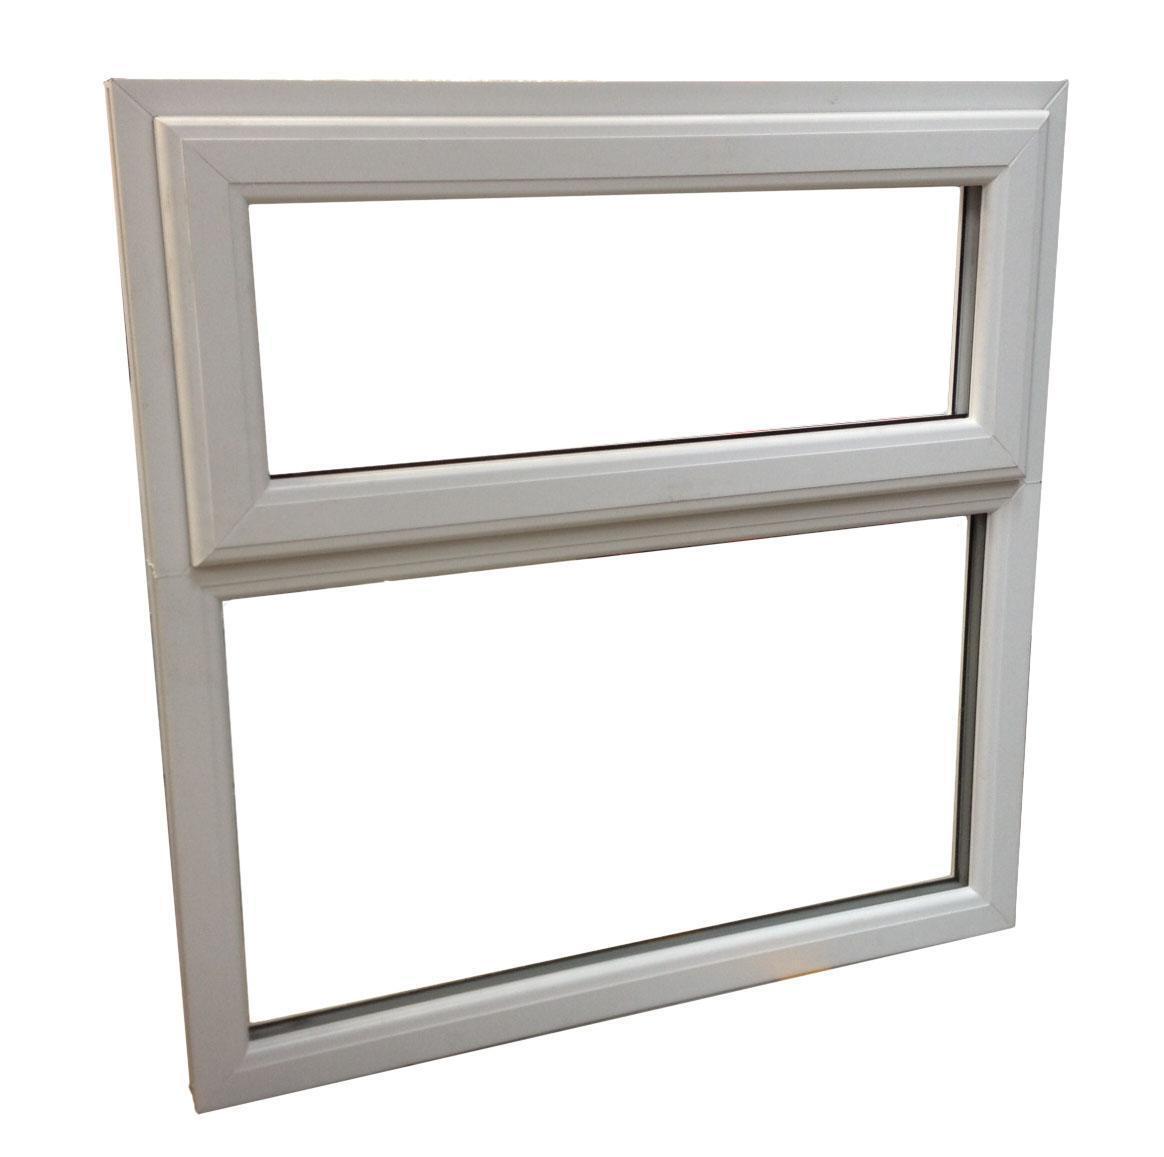 Upvc door side panel ebay for Door frame with side window